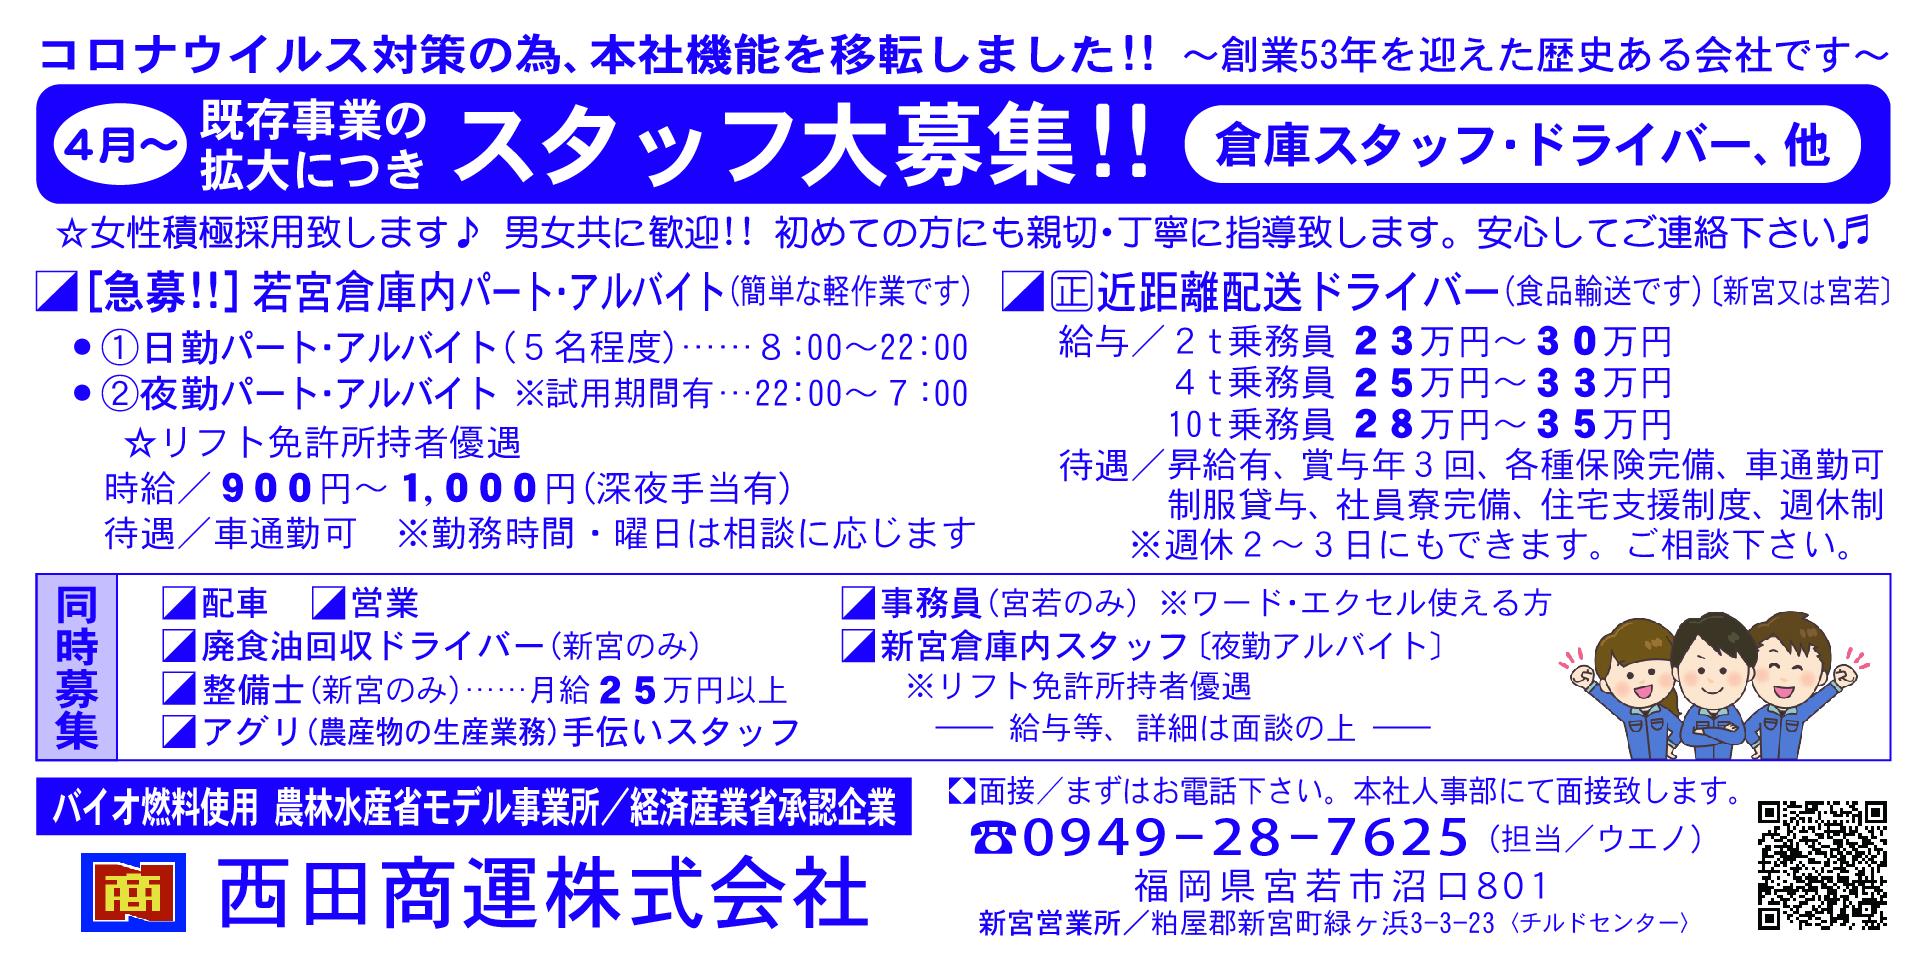 西田商運7-11